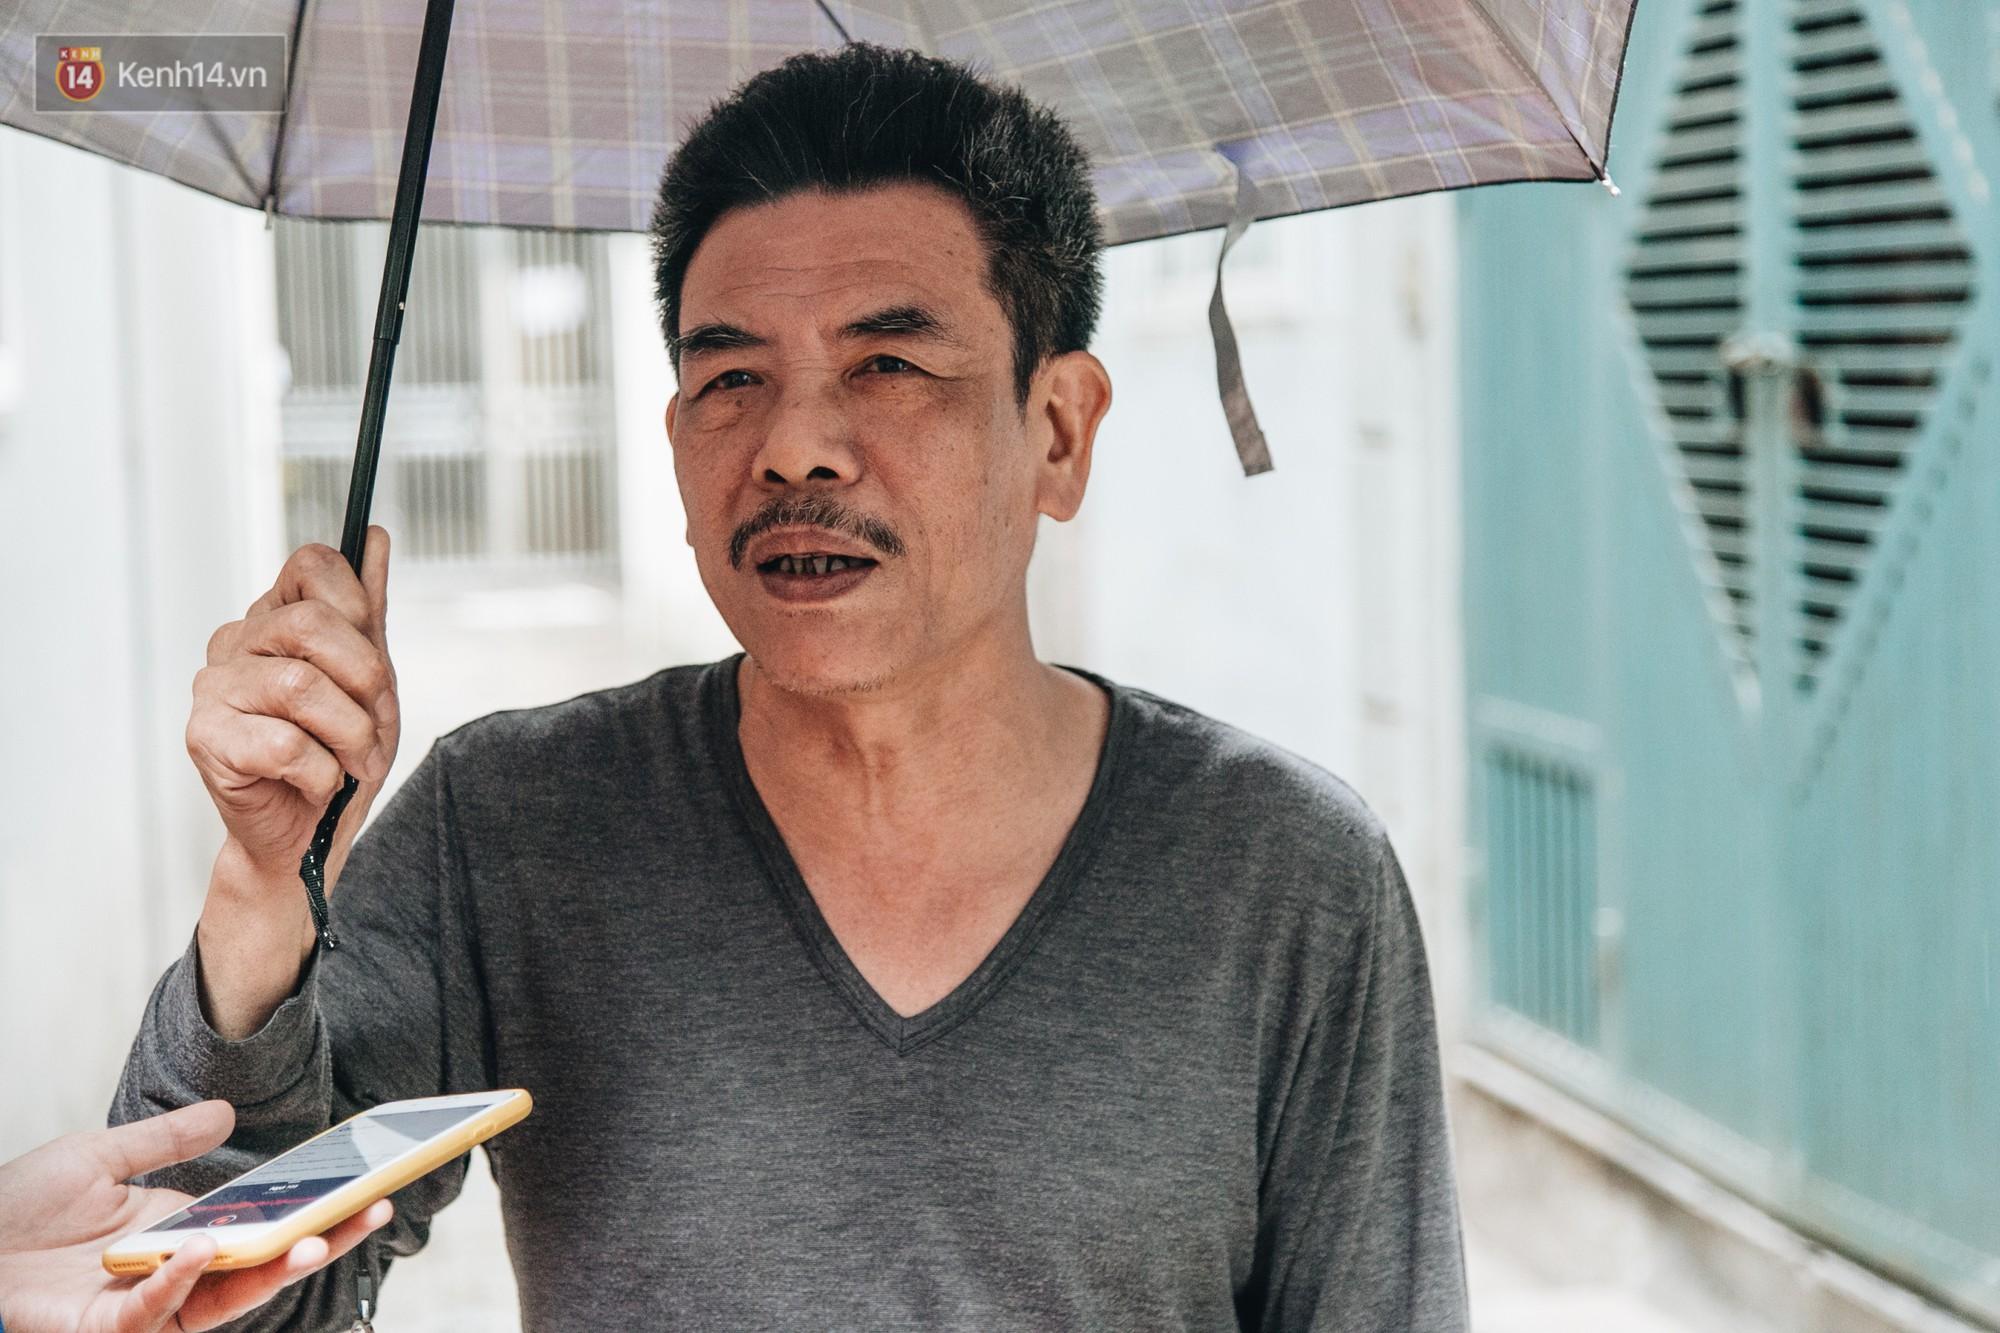 Hình ảnh người xả rác bừa bãi bị dán chi chít trong khu phố ở Hà Nội: Cấm mãi không được chúng tôi mới làm như vậy - Ảnh 5.